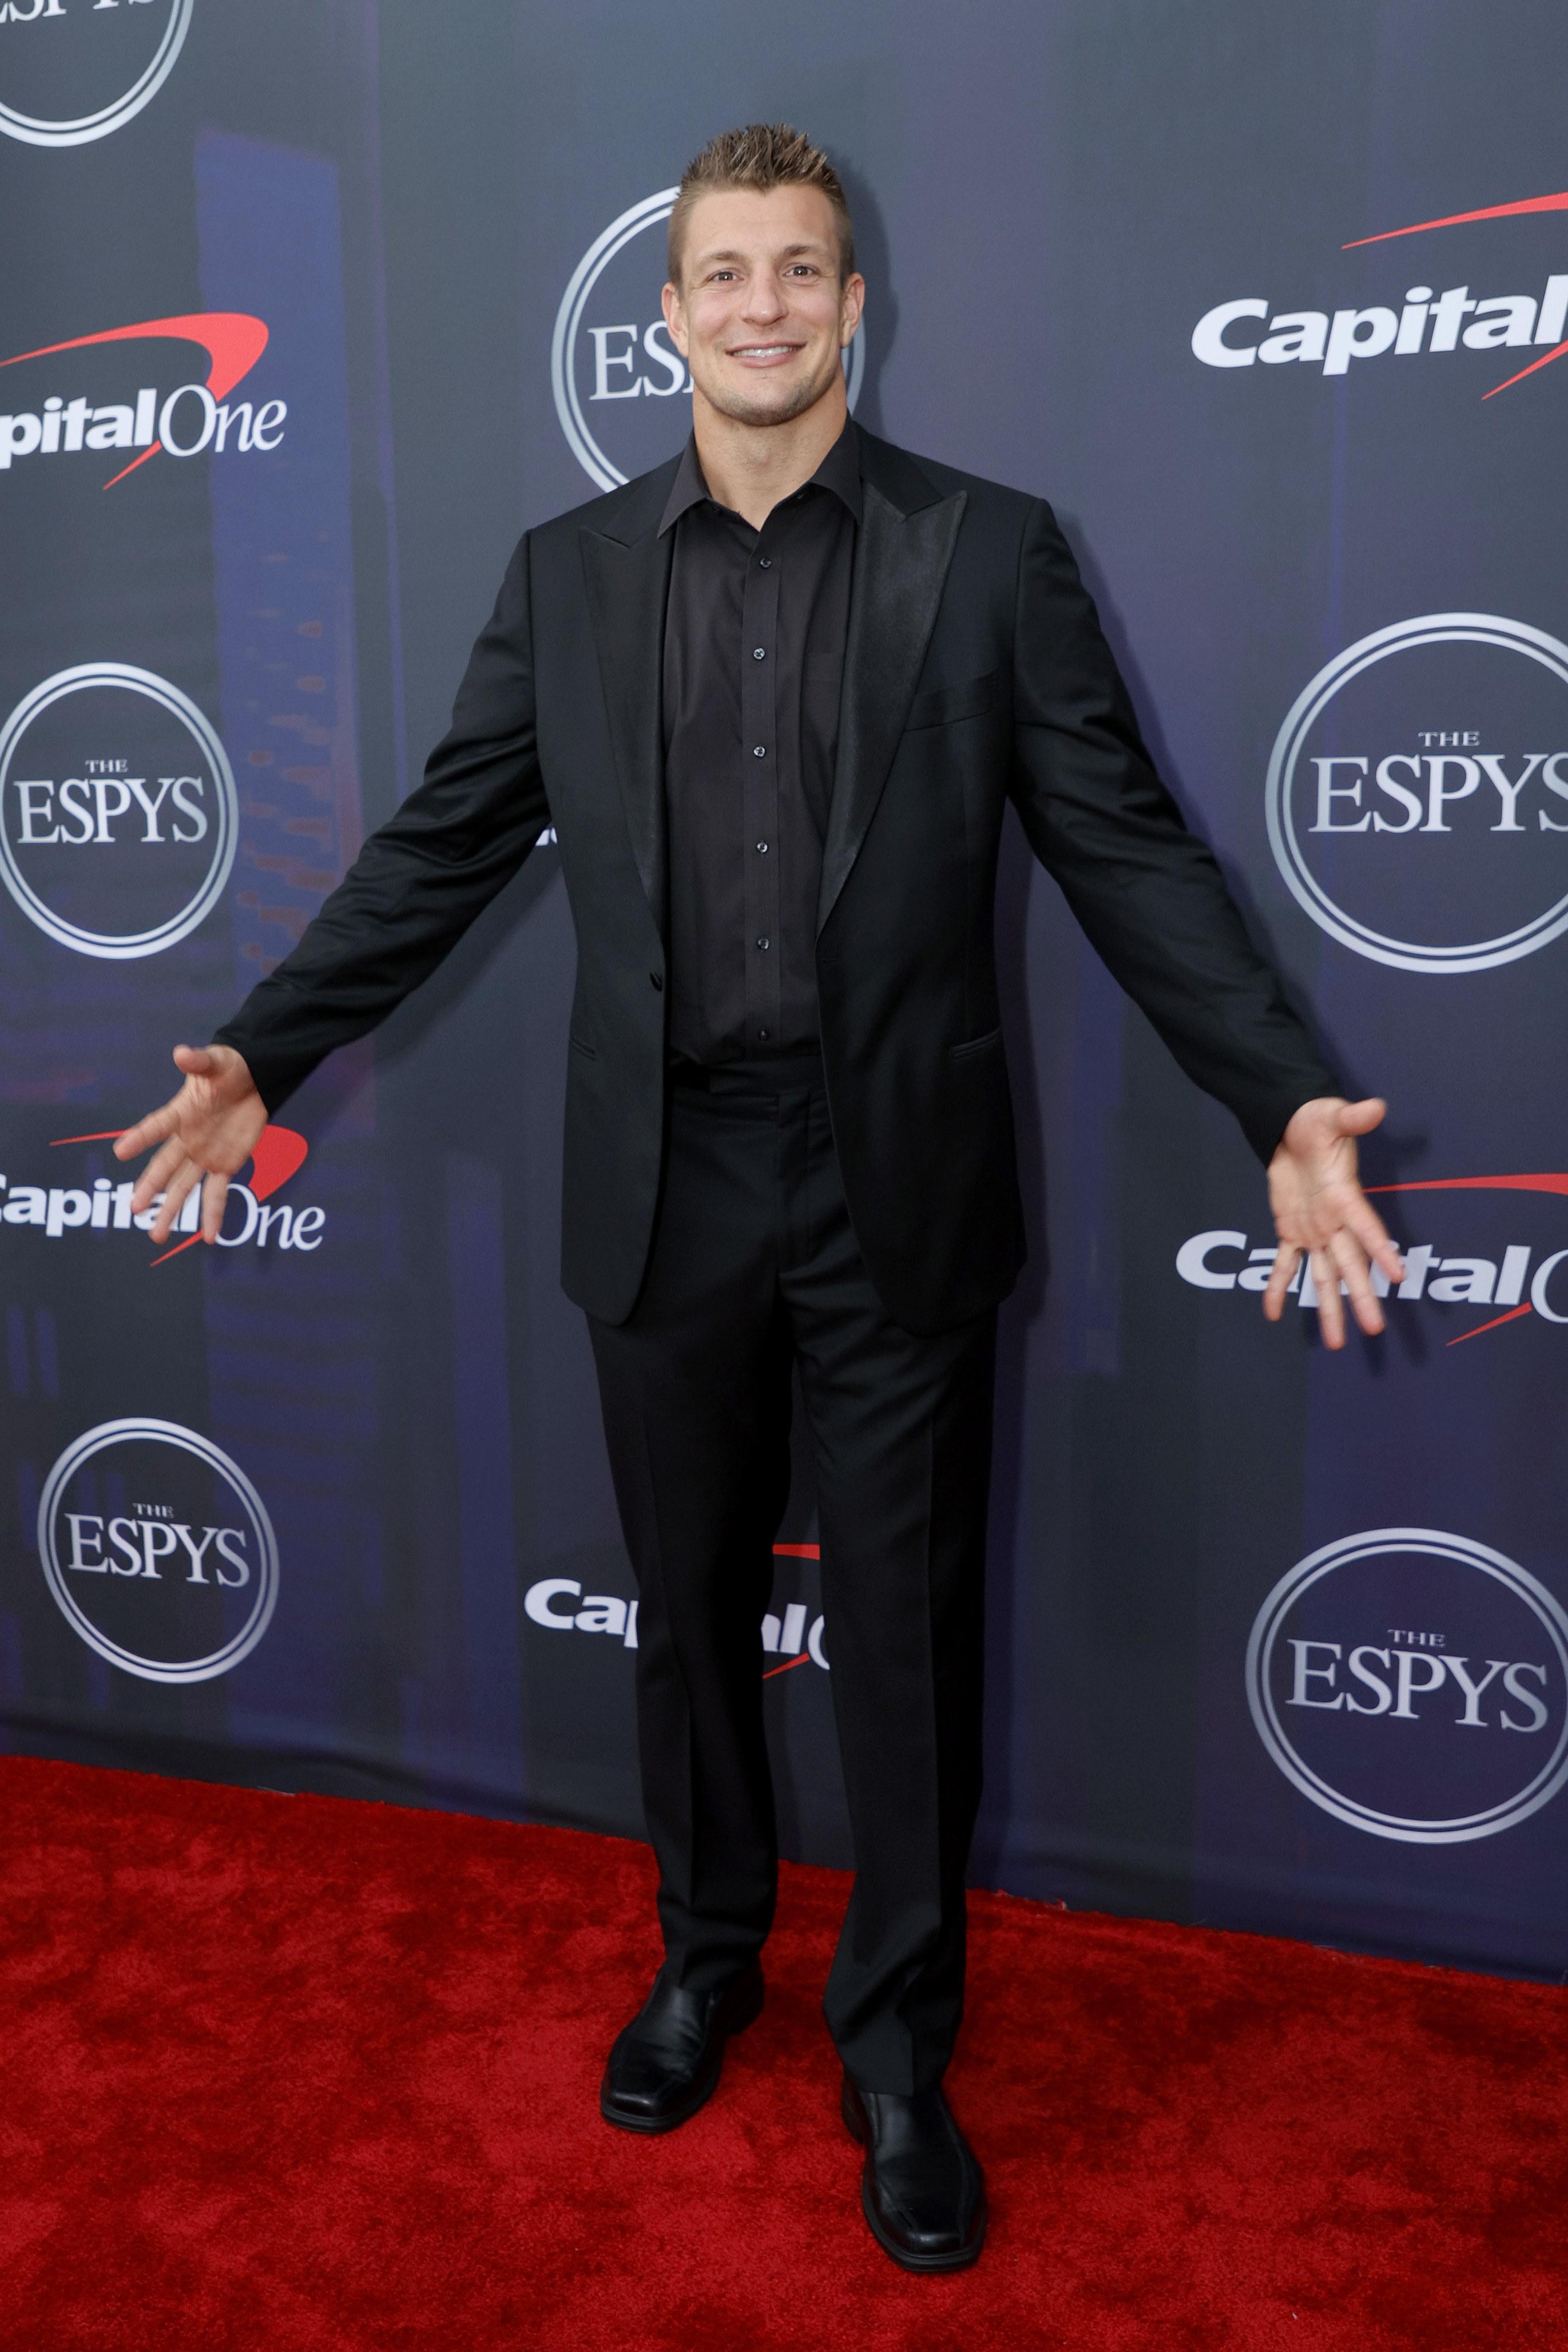 Rob wore matching blazer, shirt, and slacks